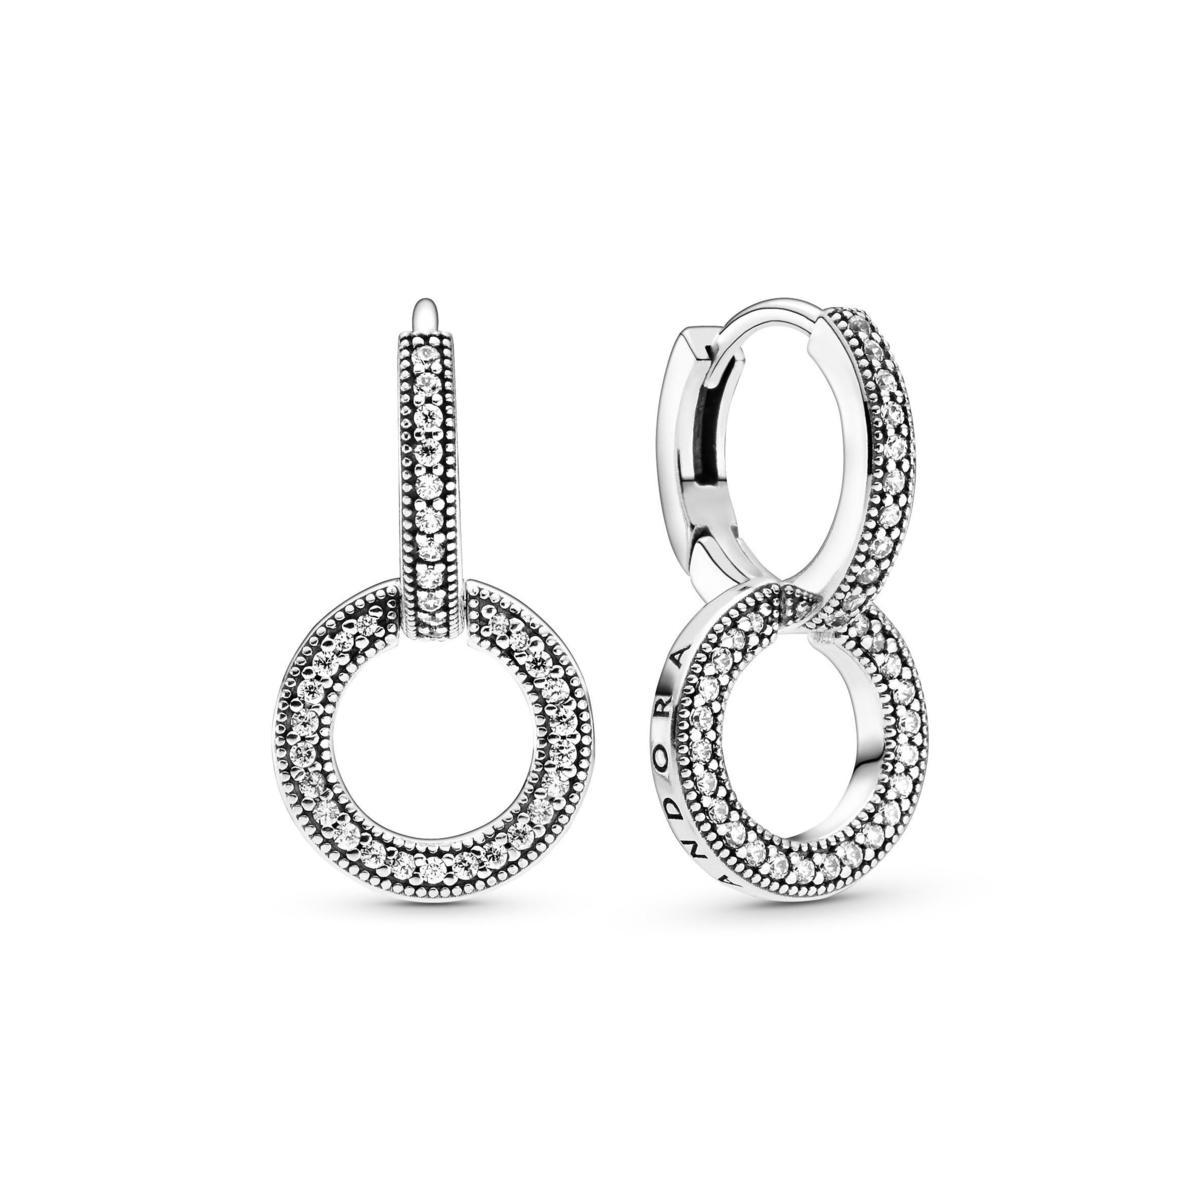 PANDORA Signature 925銀雙圈鋯石耳環。NT$2,880。(PANDORA提供)